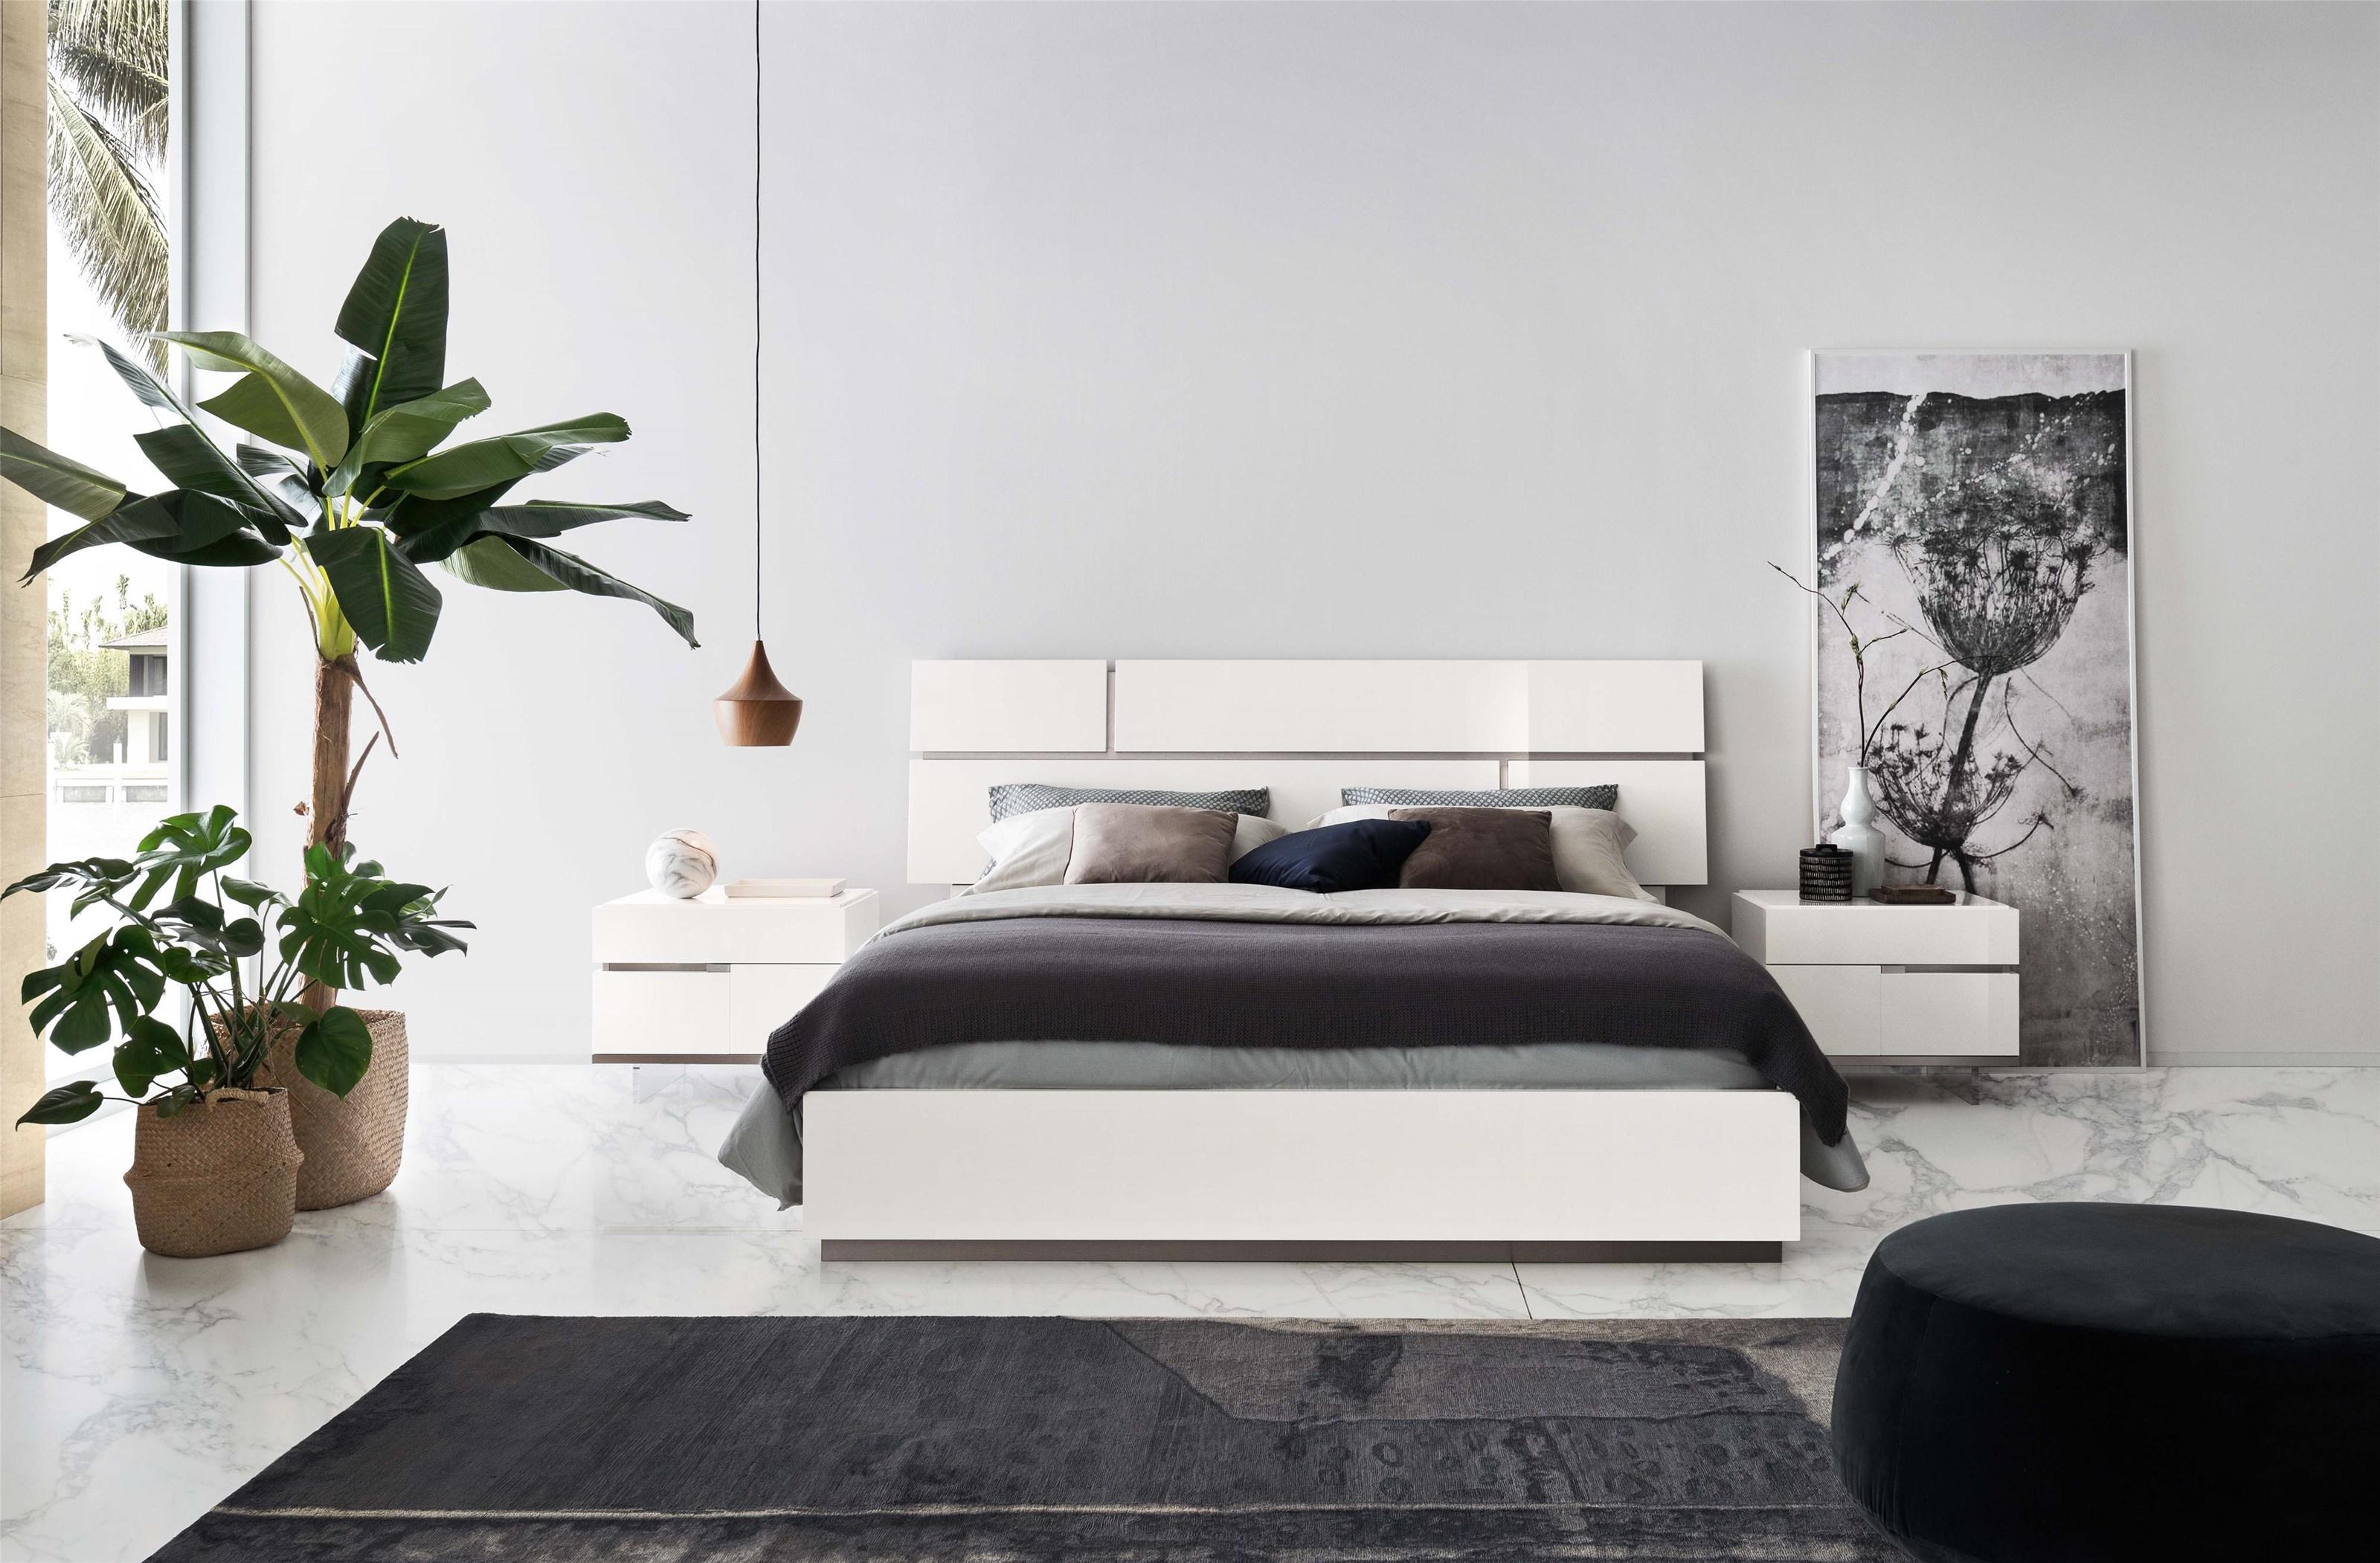 Artemide Bedroom Queen Bed by Alf Italia at Stoney Creek Furniture